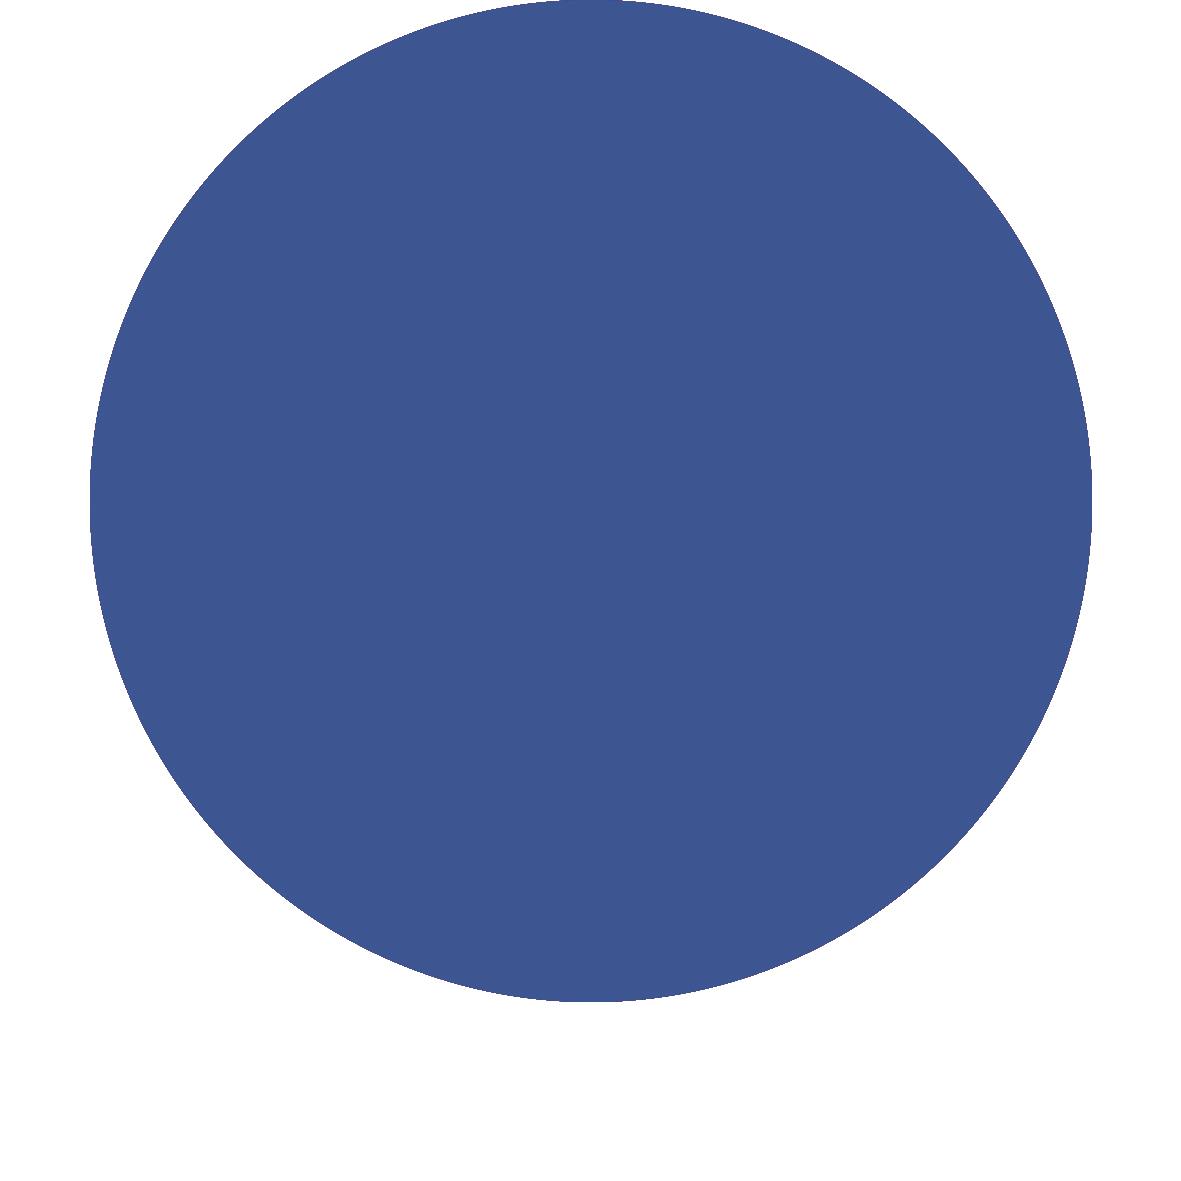 C.I. Blue 60(Ozone Stable Blue) -